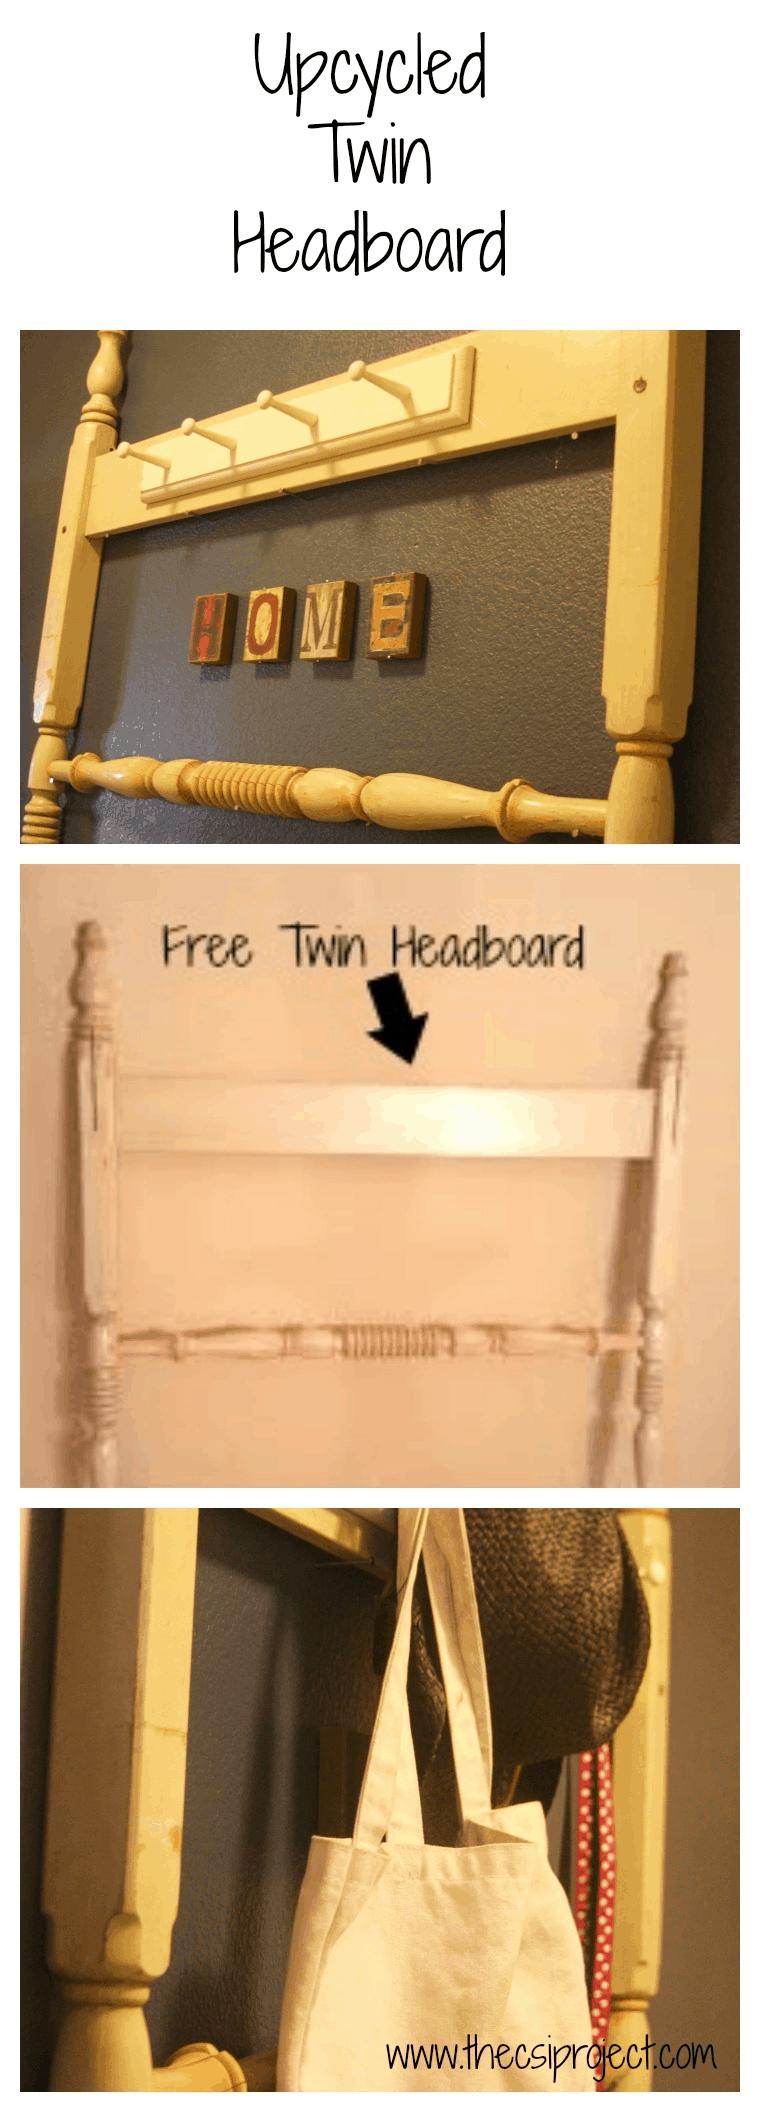 headboard4